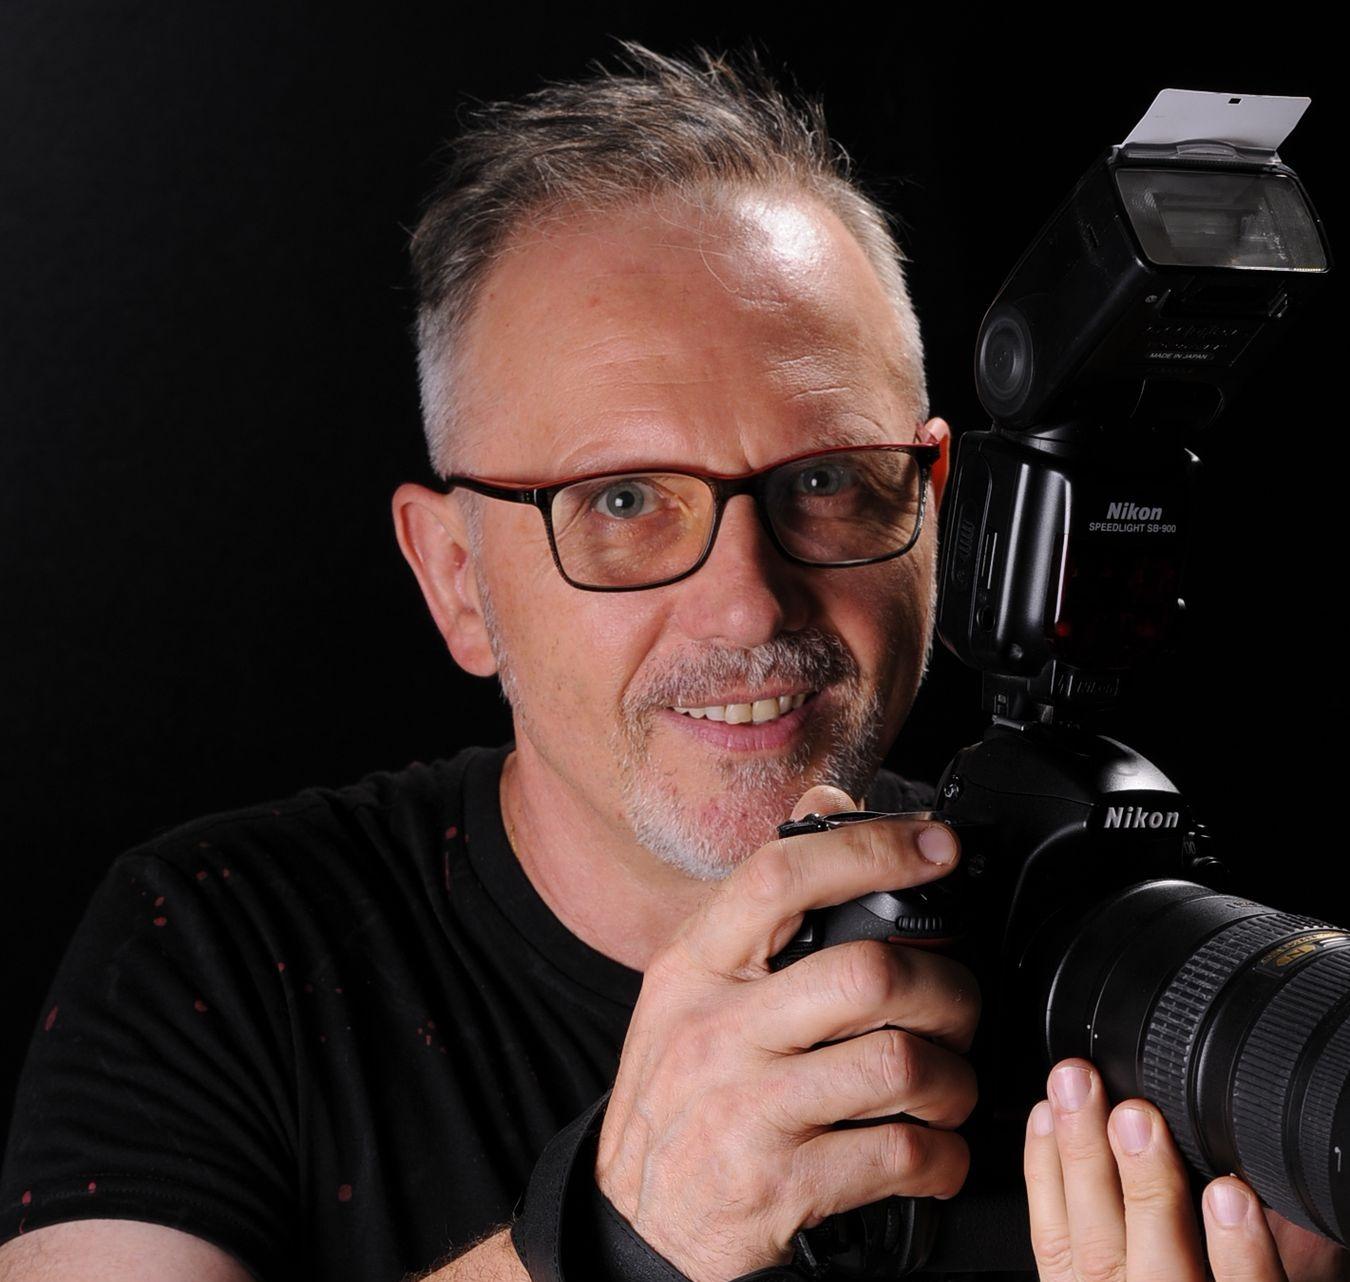 fotograf Praha, fotograf Praha 9, Luboš Josef Marek, nejlepší známý profesionální český fotograf a reklamní marketér